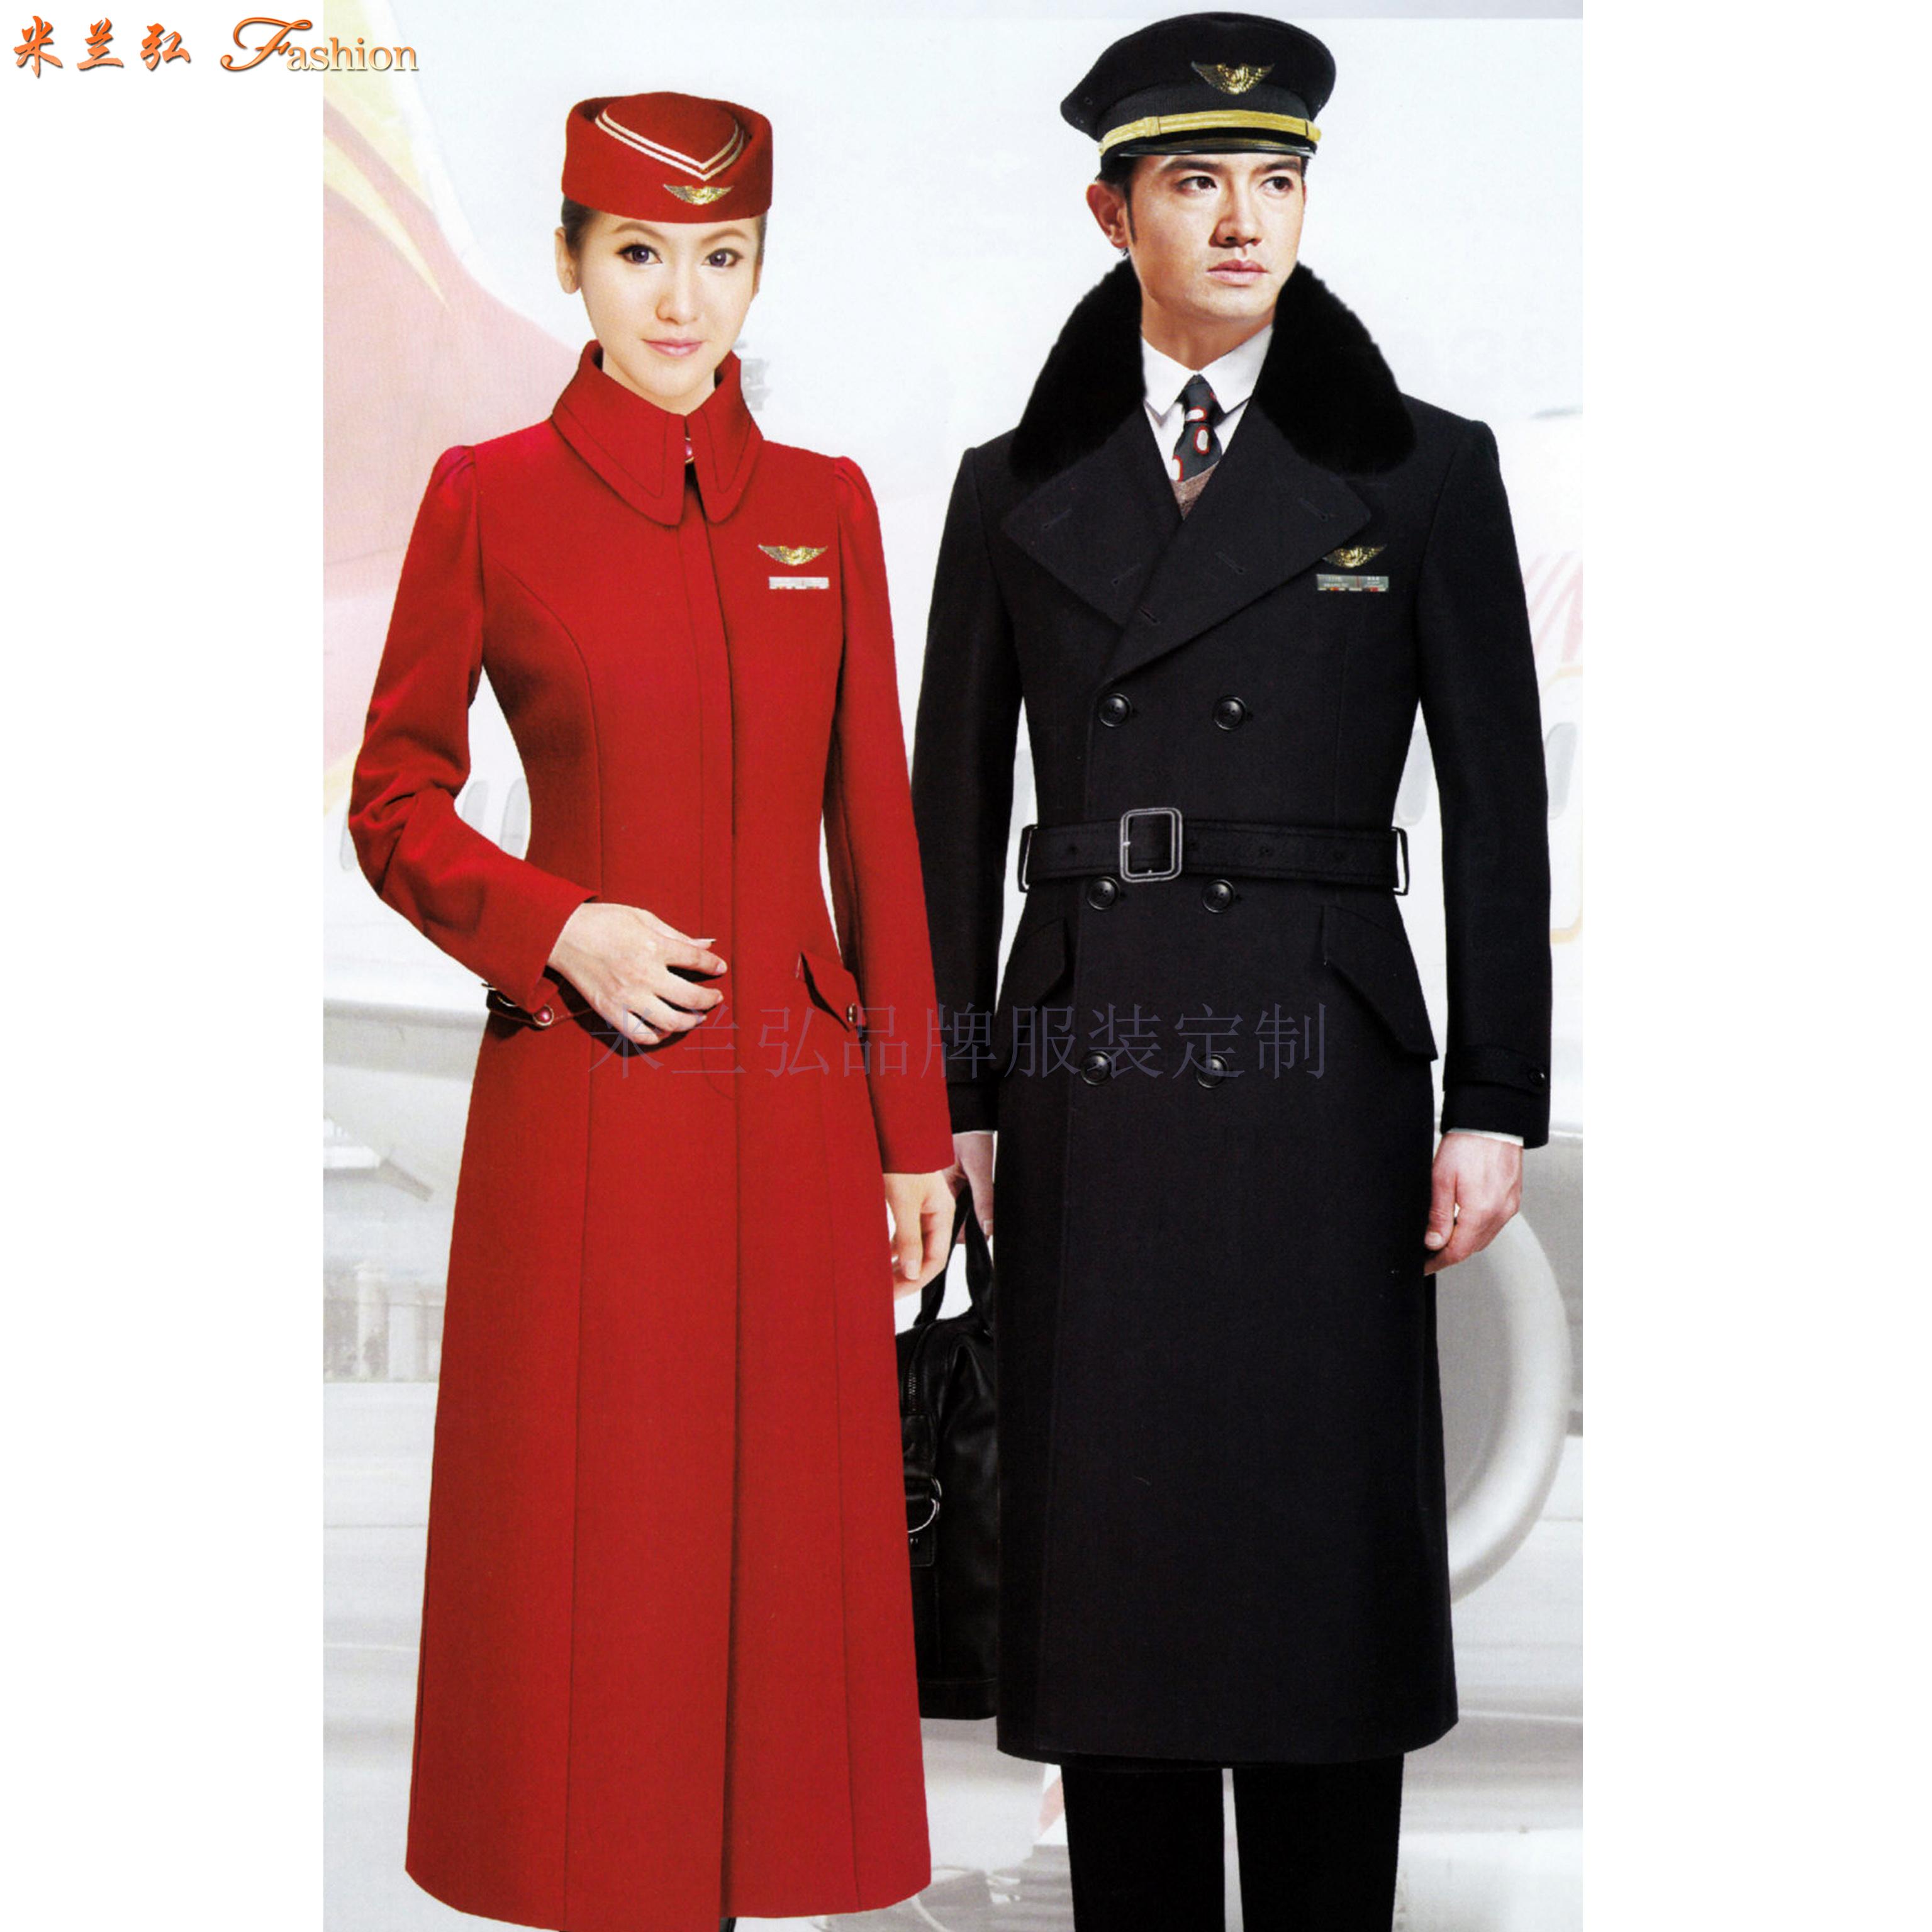 航空公司机长大衣定做_空姐服大衣定制_飞机空乘服大衣订制-3